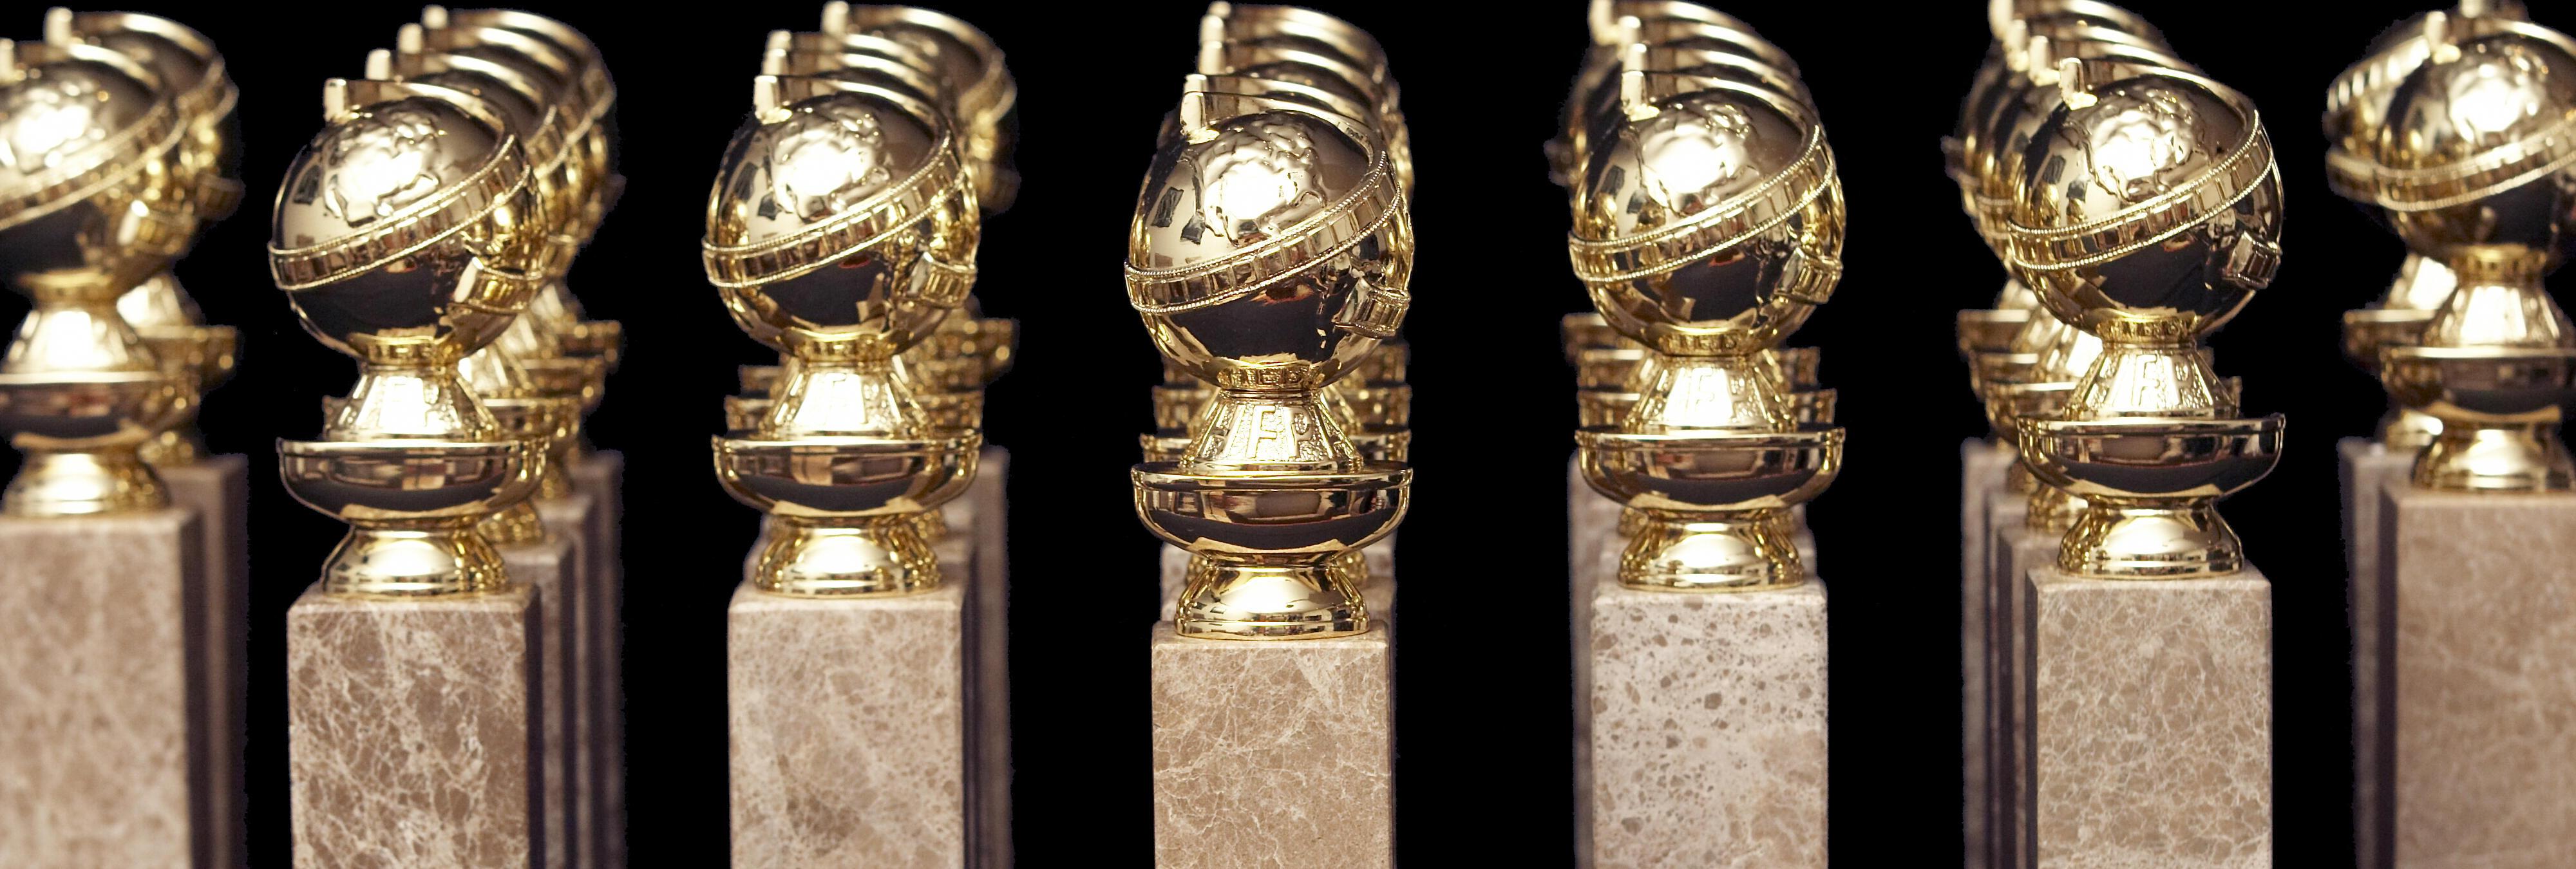 Los nominados de los Globos de Oro 2017 en cine y TV